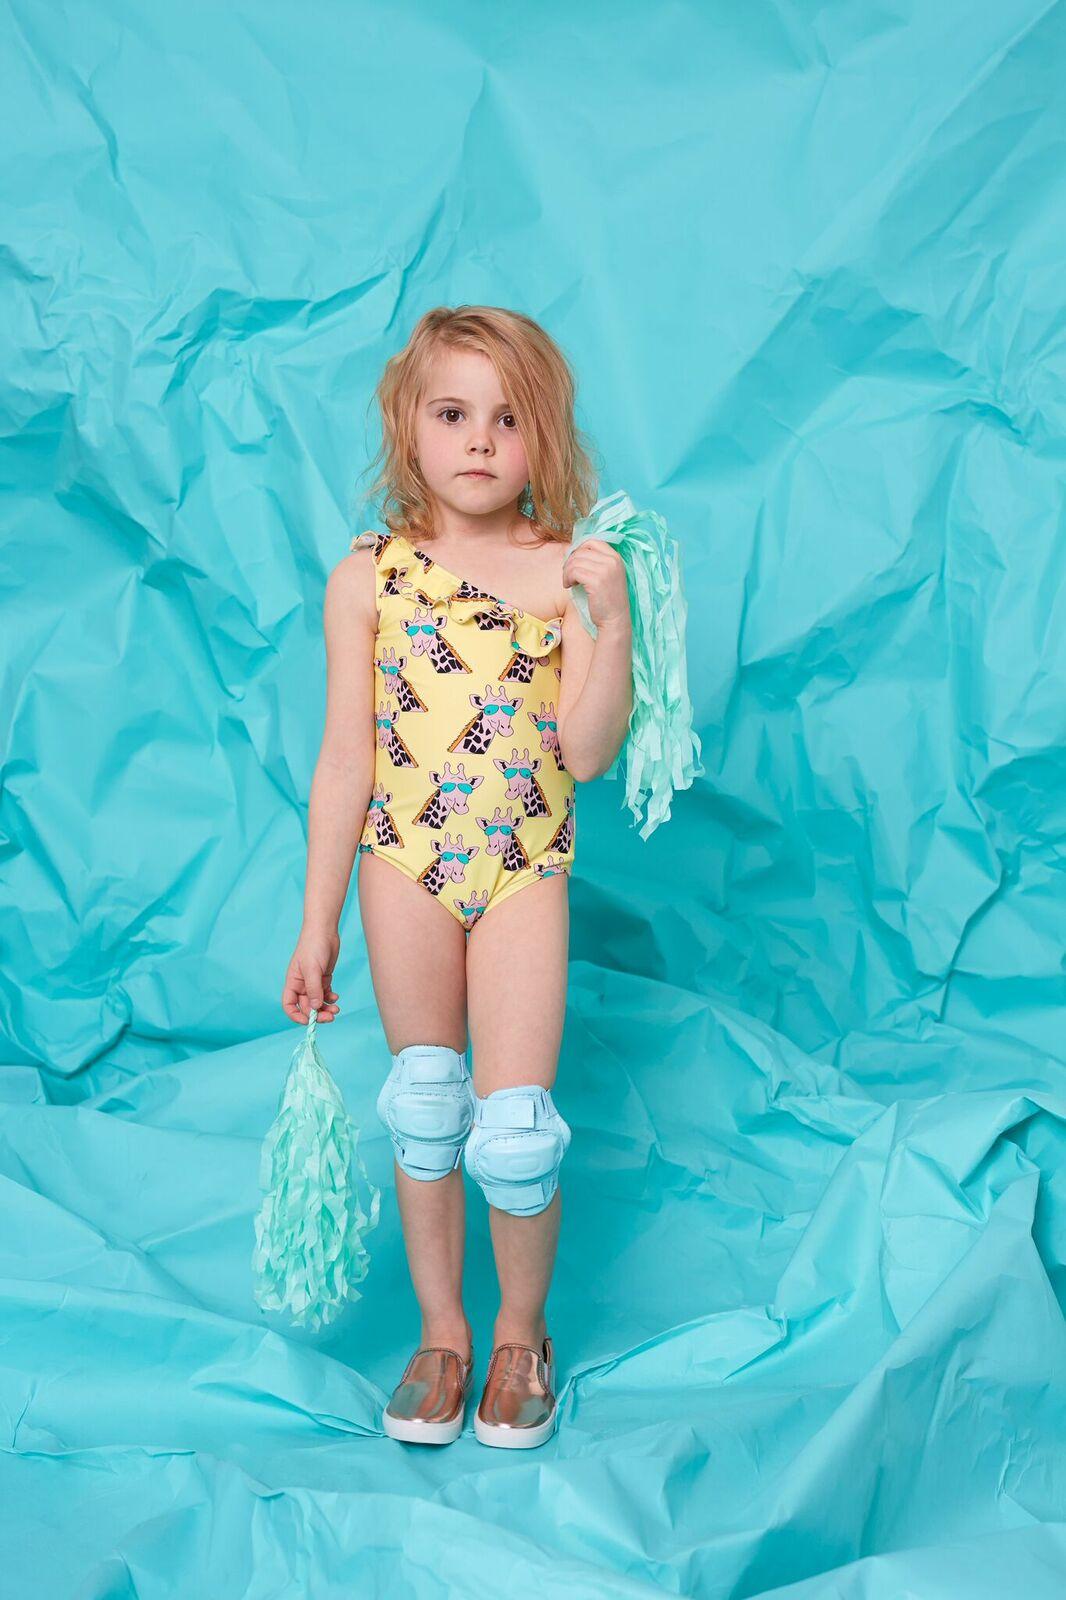 Gardner_and_the_gang_ss16_giraffe_swimsuit